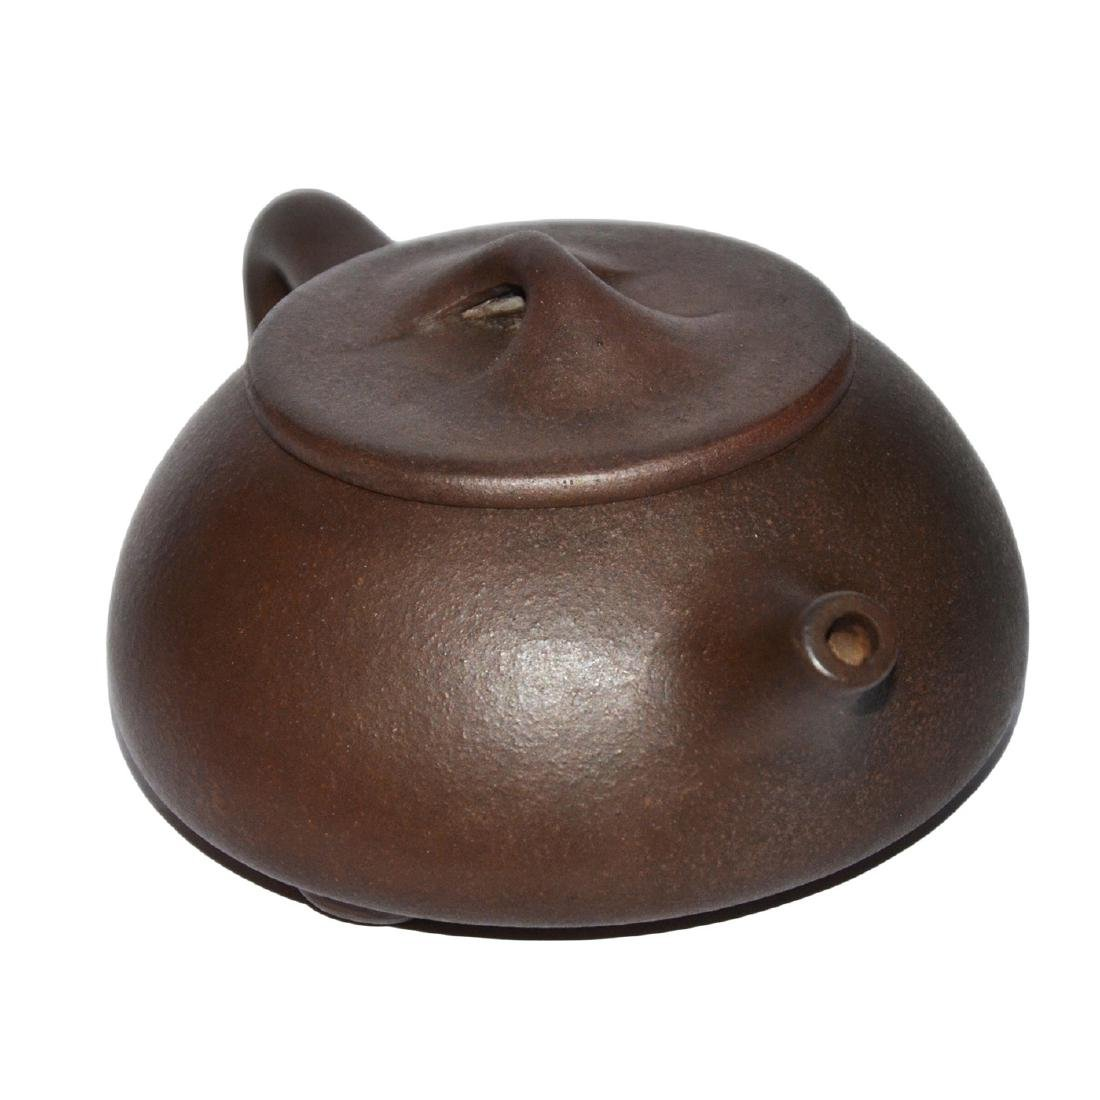 Gu Jingzhou, Stone-spoon Yixing Zisha Teapot - 3